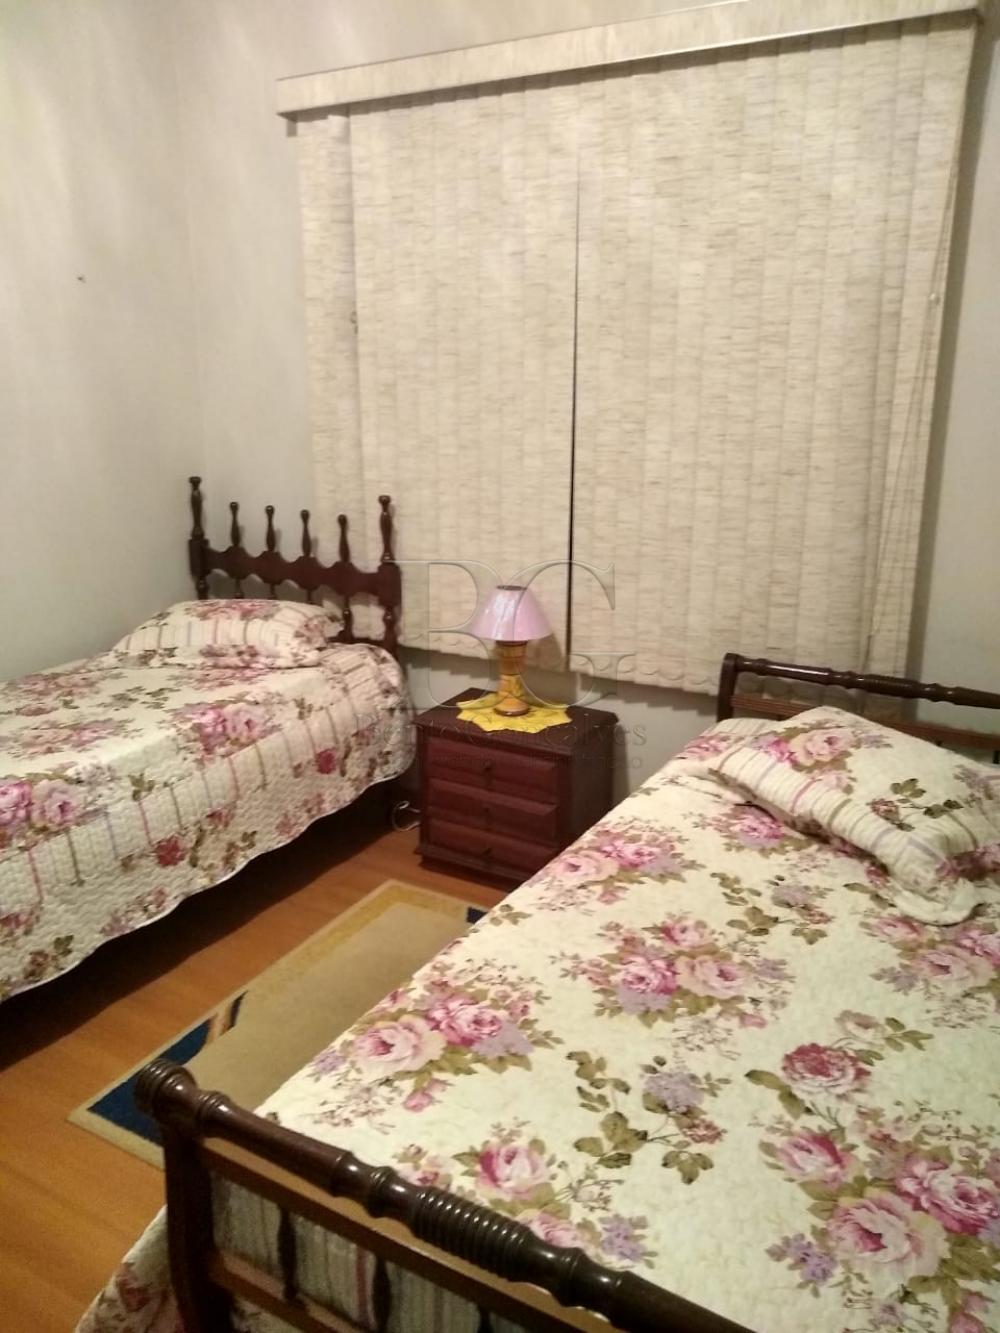 Comprar Apartamentos / Predio comercial e Residencial em Poços de Caldas apenas R$ 400.000,00 - Foto 12